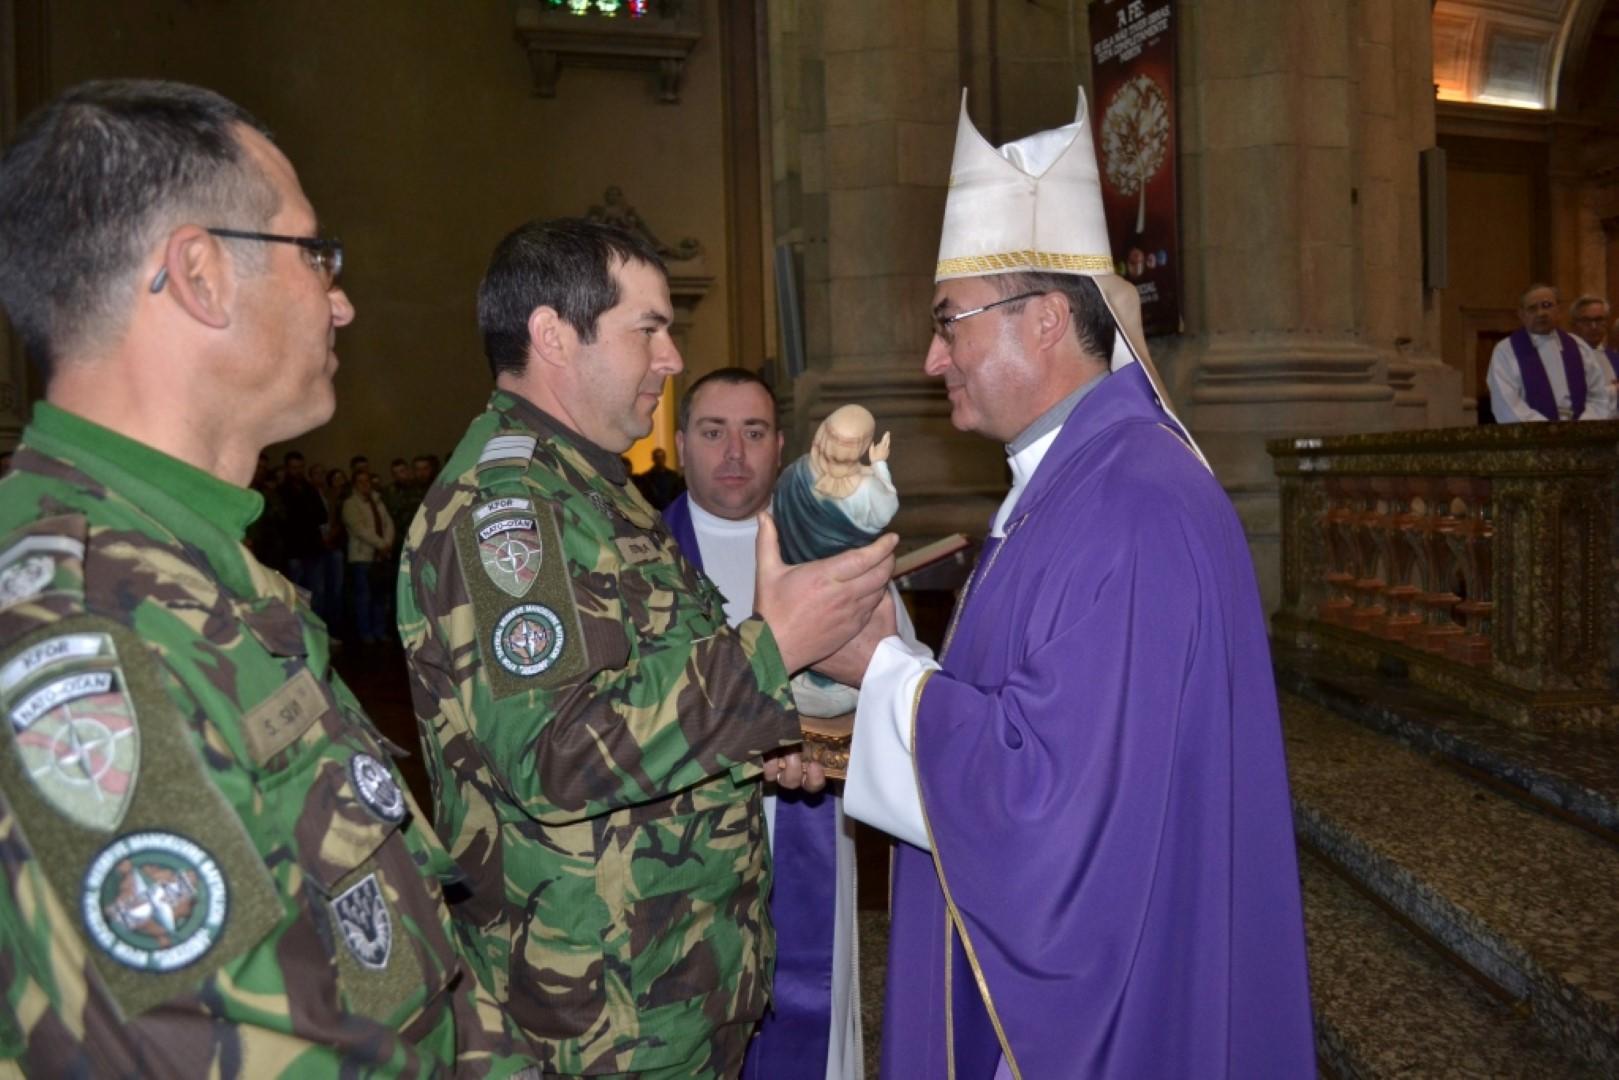 Entrega da N Senhora ao Comandante do Grupo de Autometralhadoras Kosovo Force e Recce Coy Portuguese Army 2015